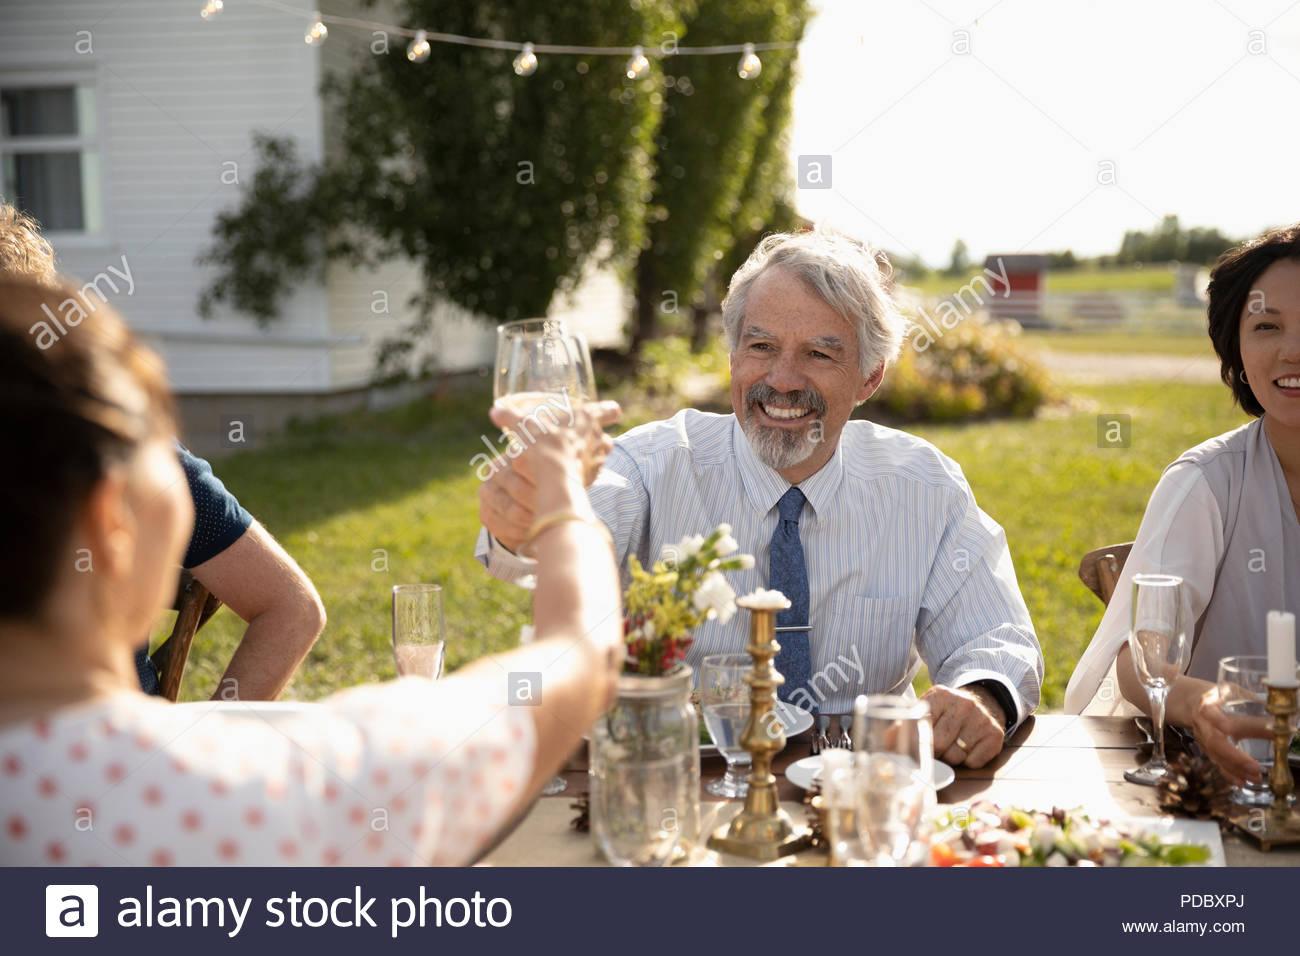 L uomo e la donna celebrando, tostatura di bicchieri di vino a sunny garden party pranzo Immagini Stock